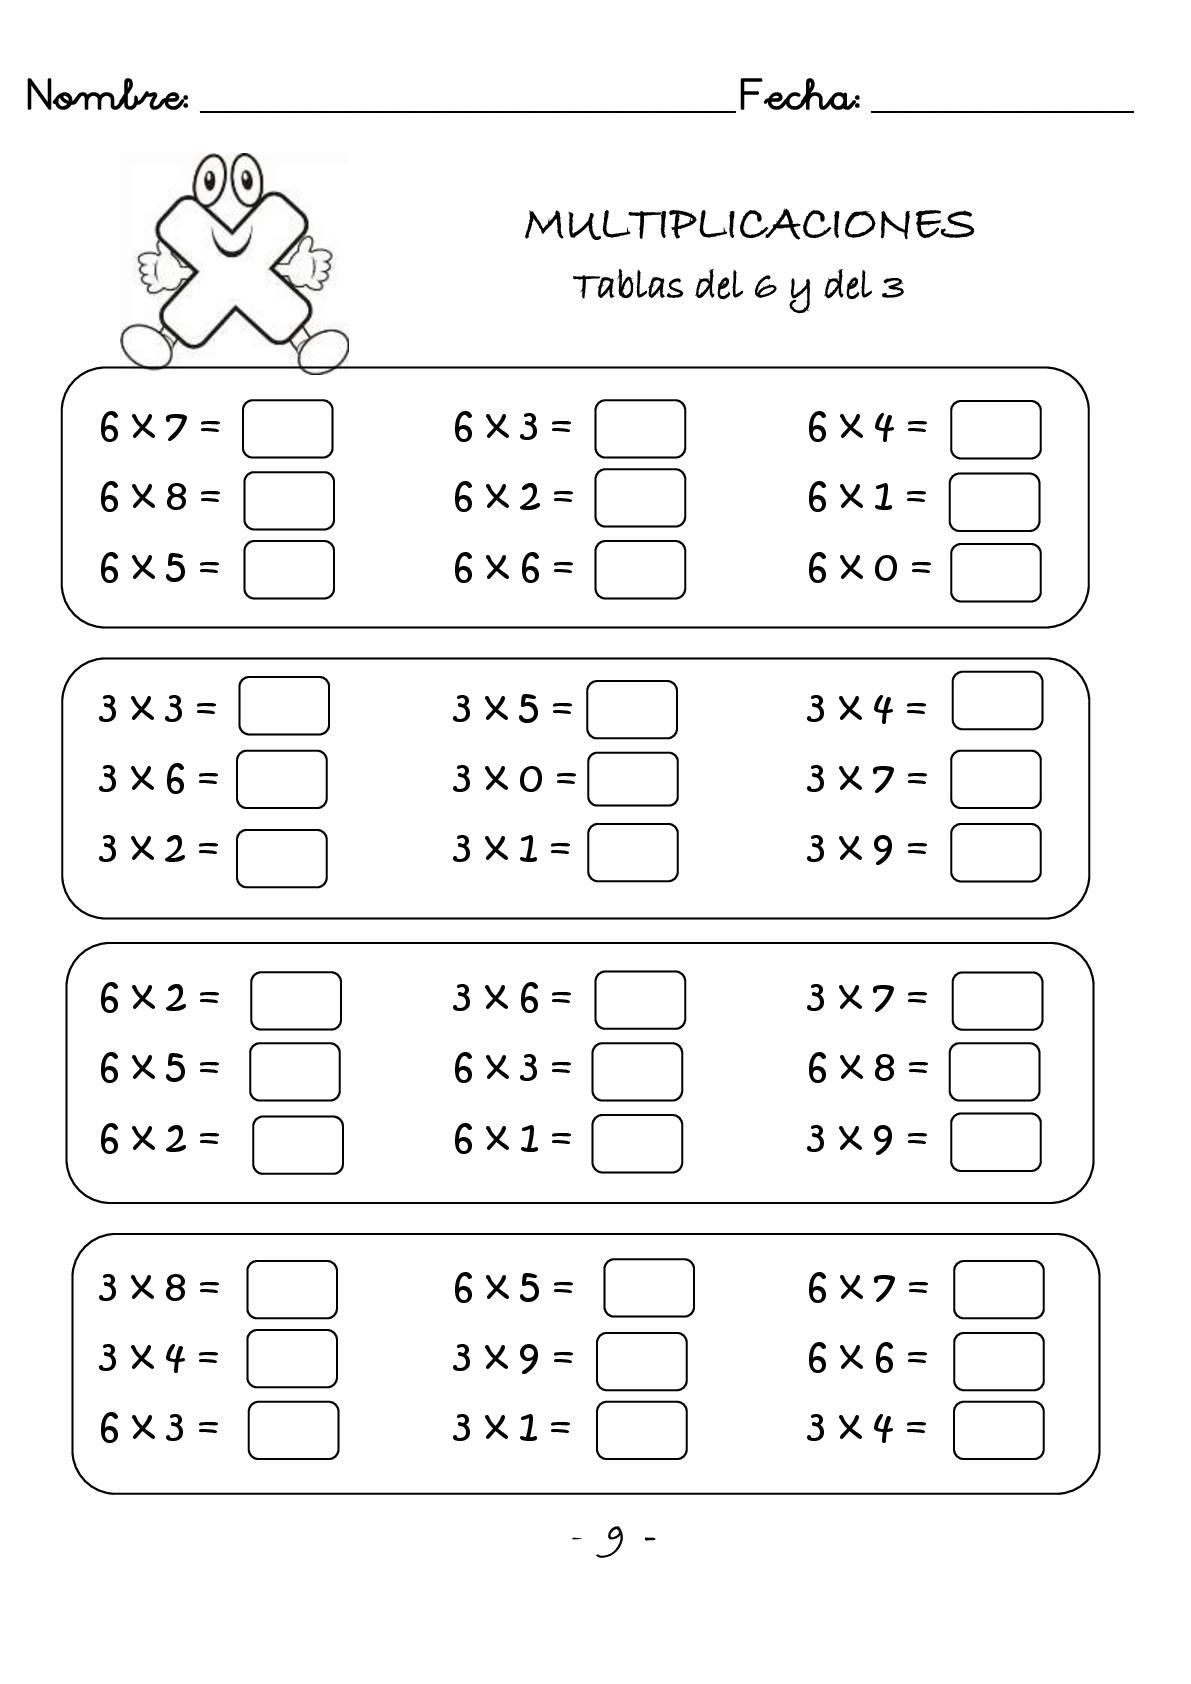 multiplicaciones-rapidas-una-cifra-protegido-010